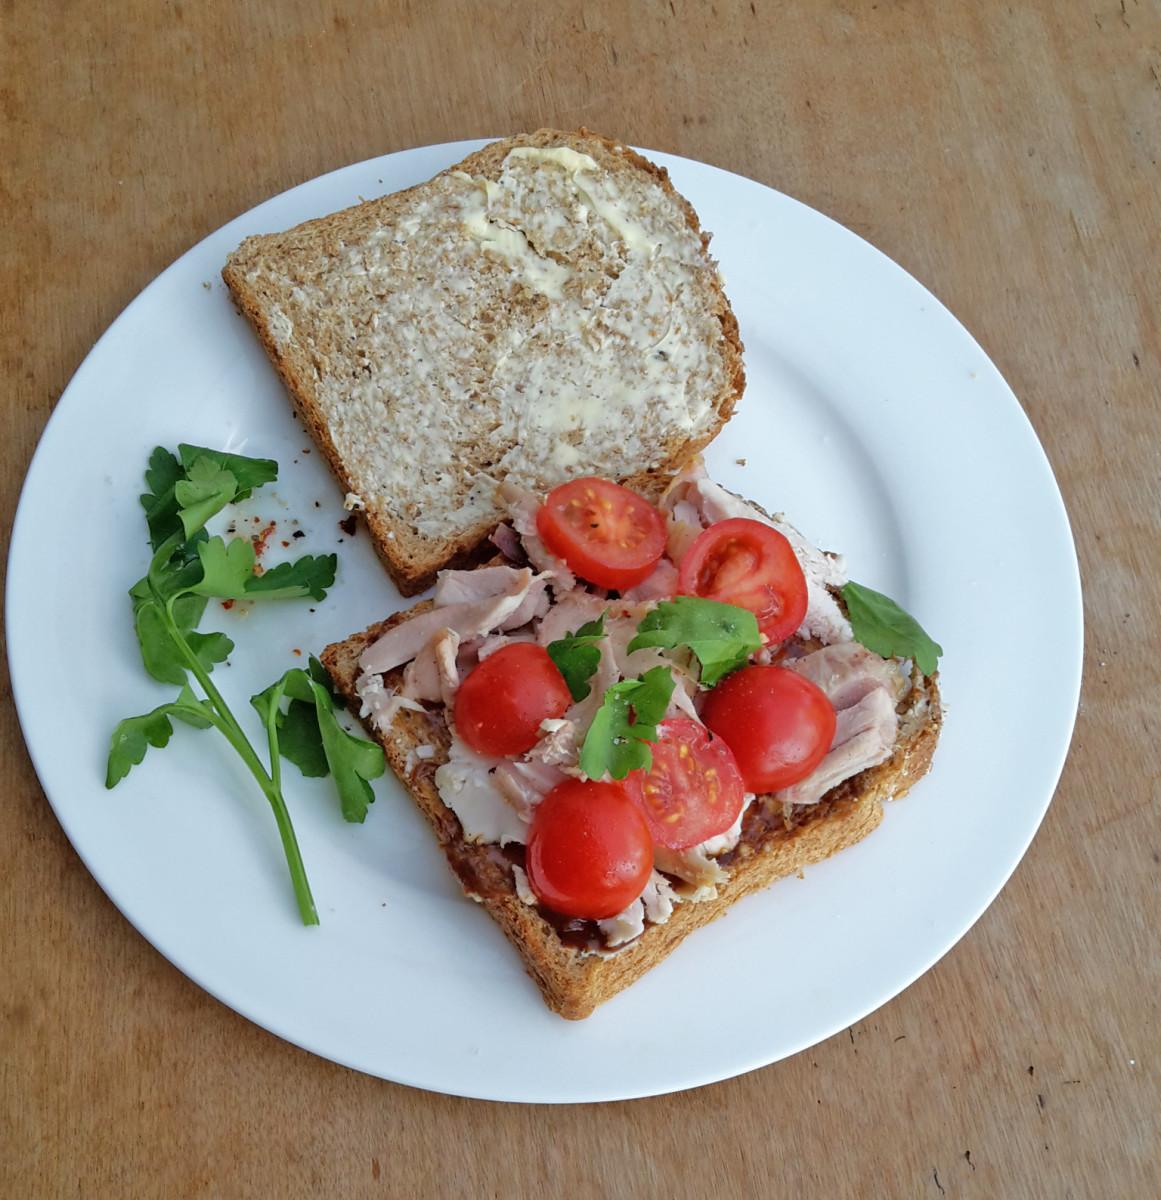 Chicken or Turkey Sandwich